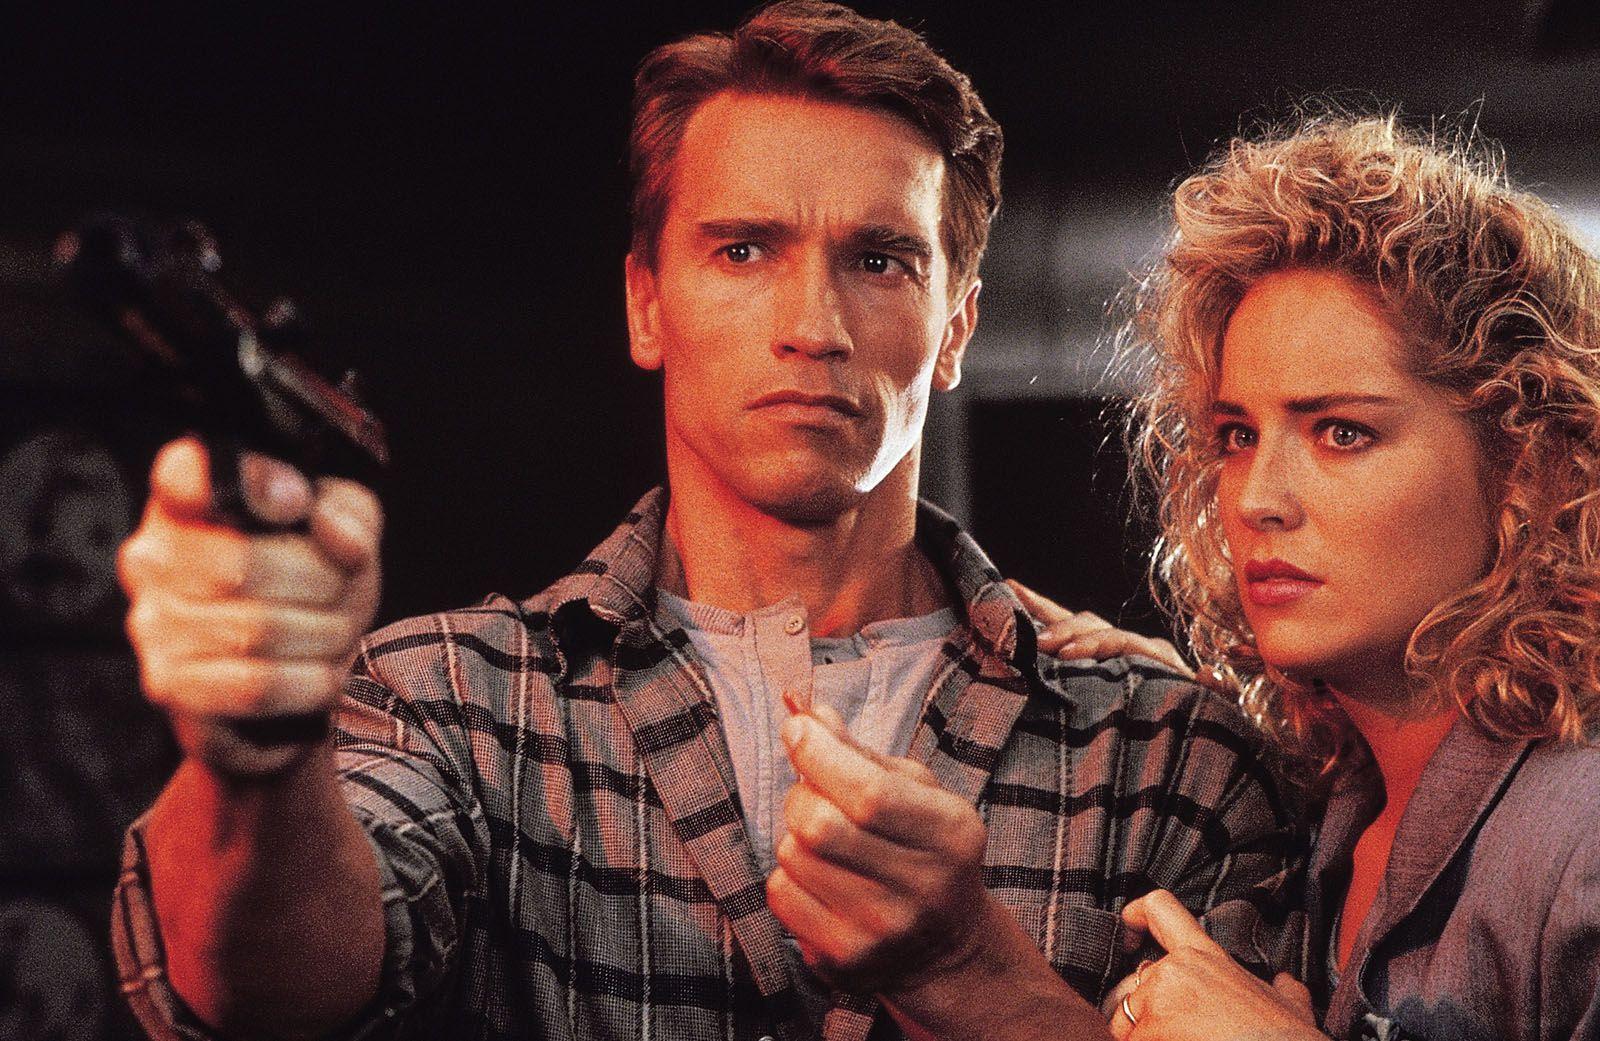 TOTAL RECALL avec Arnold Schwarzenegger (BANDE-ANNONCE) Au cinéma le 16 septembre 2020 - Version restaurée inédite